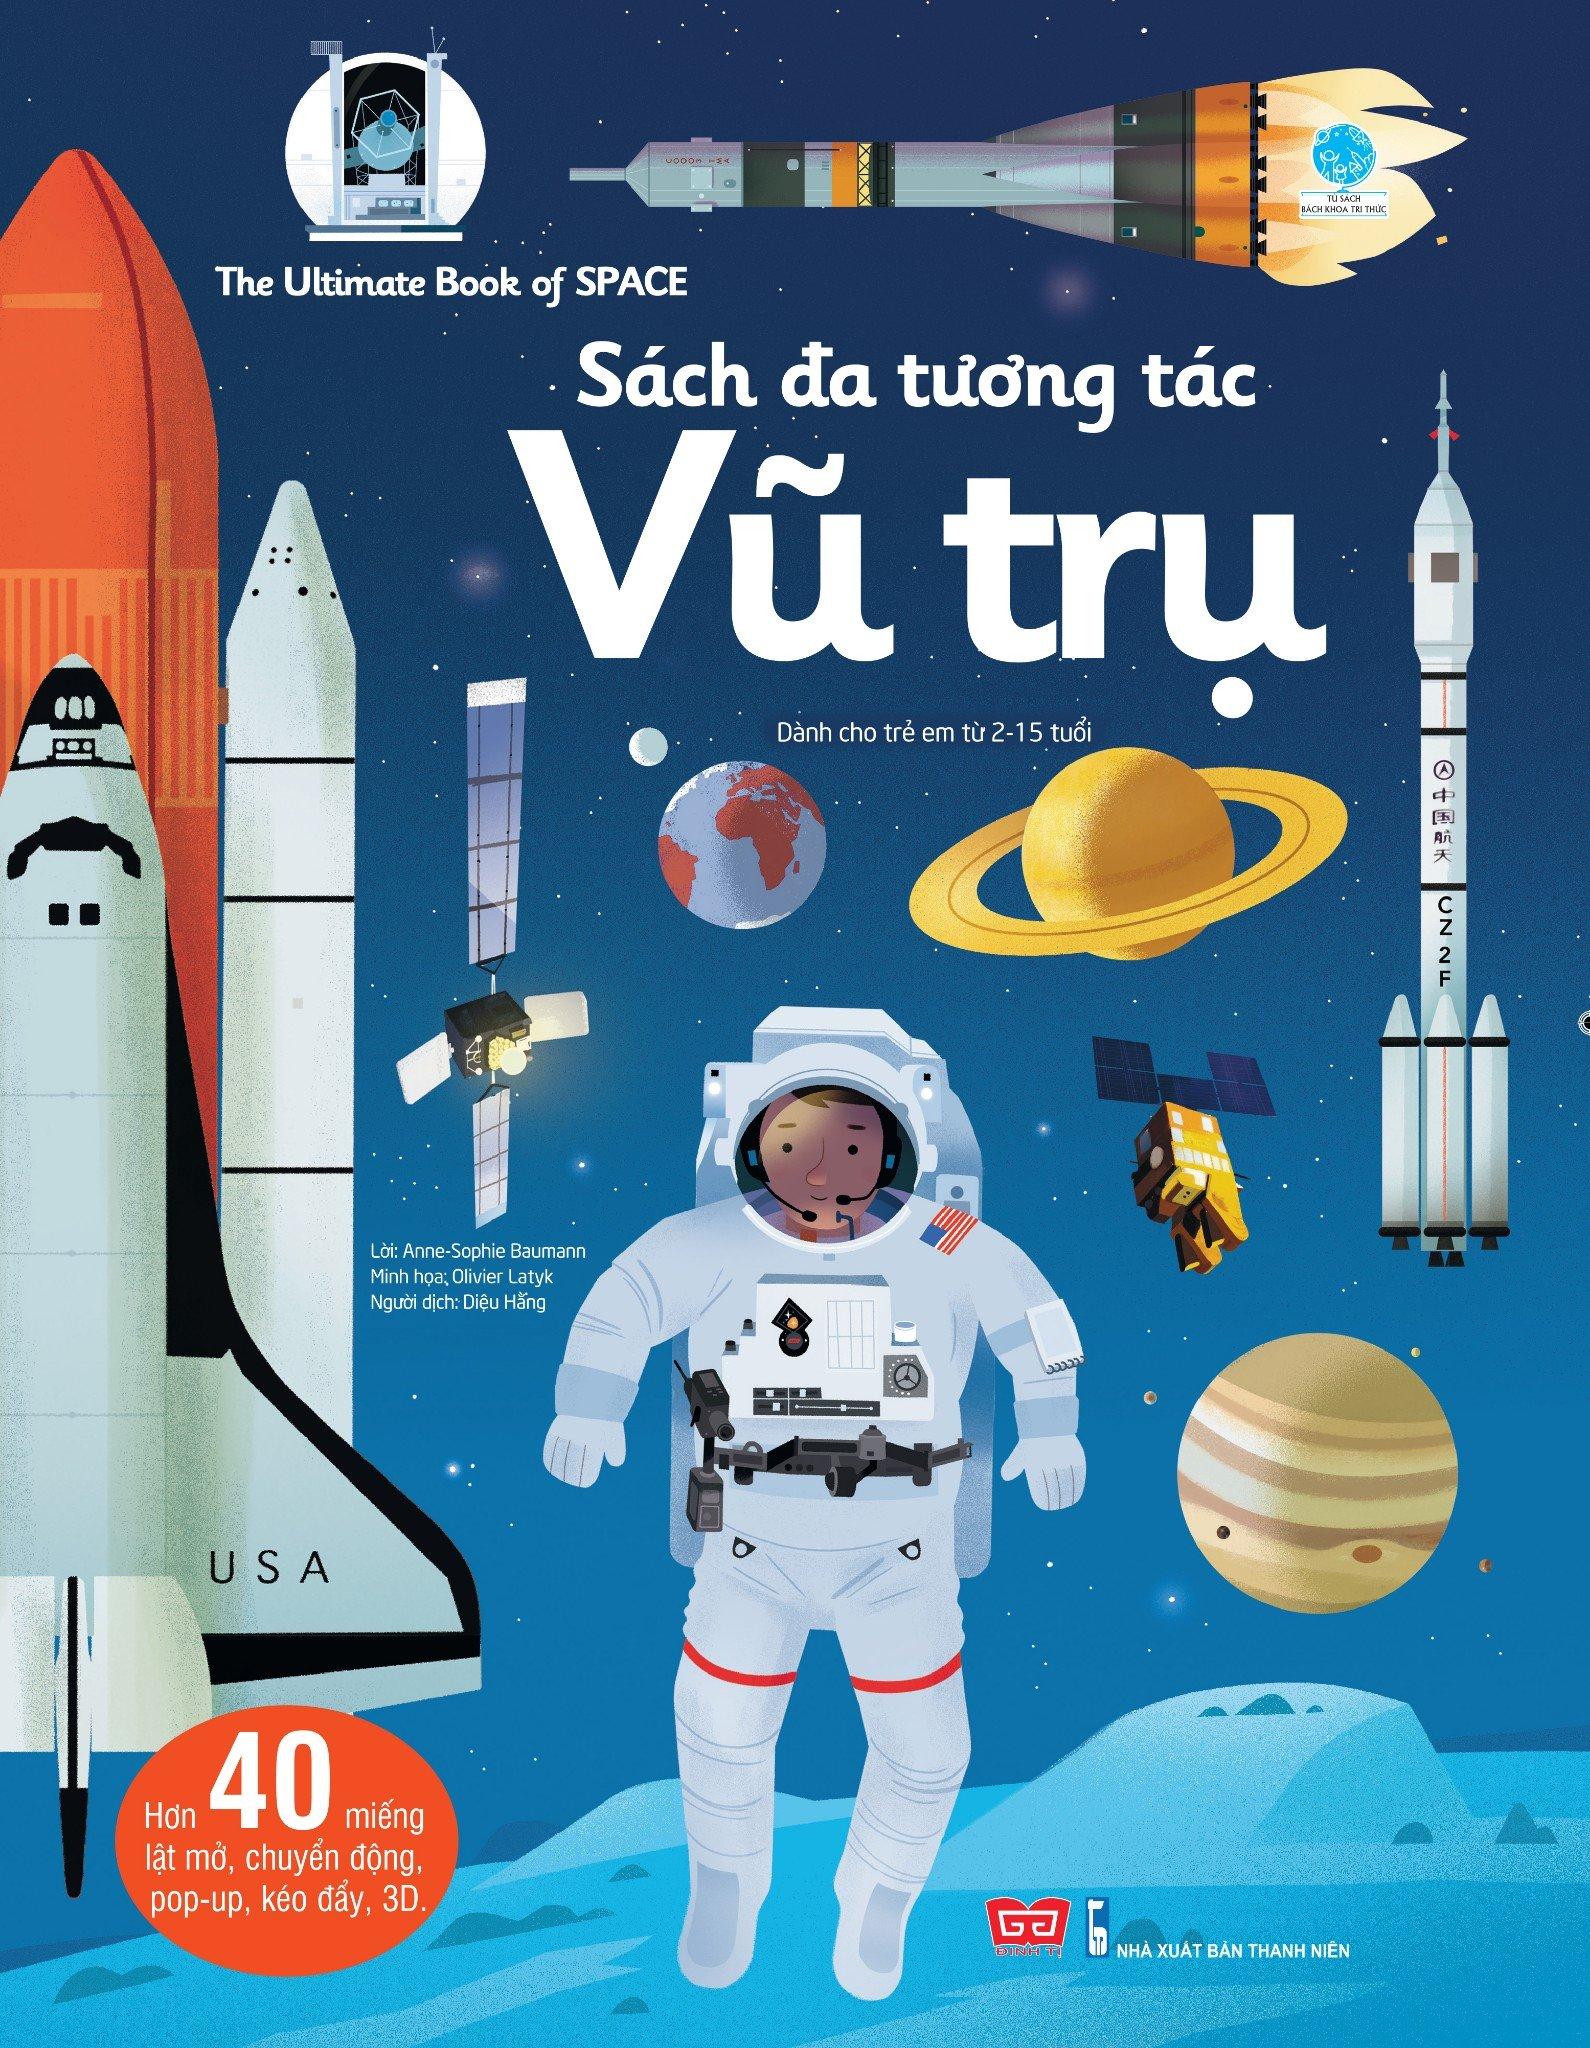 The Ultimate Book of Space - Sách đa tương tác - Vũ trụ